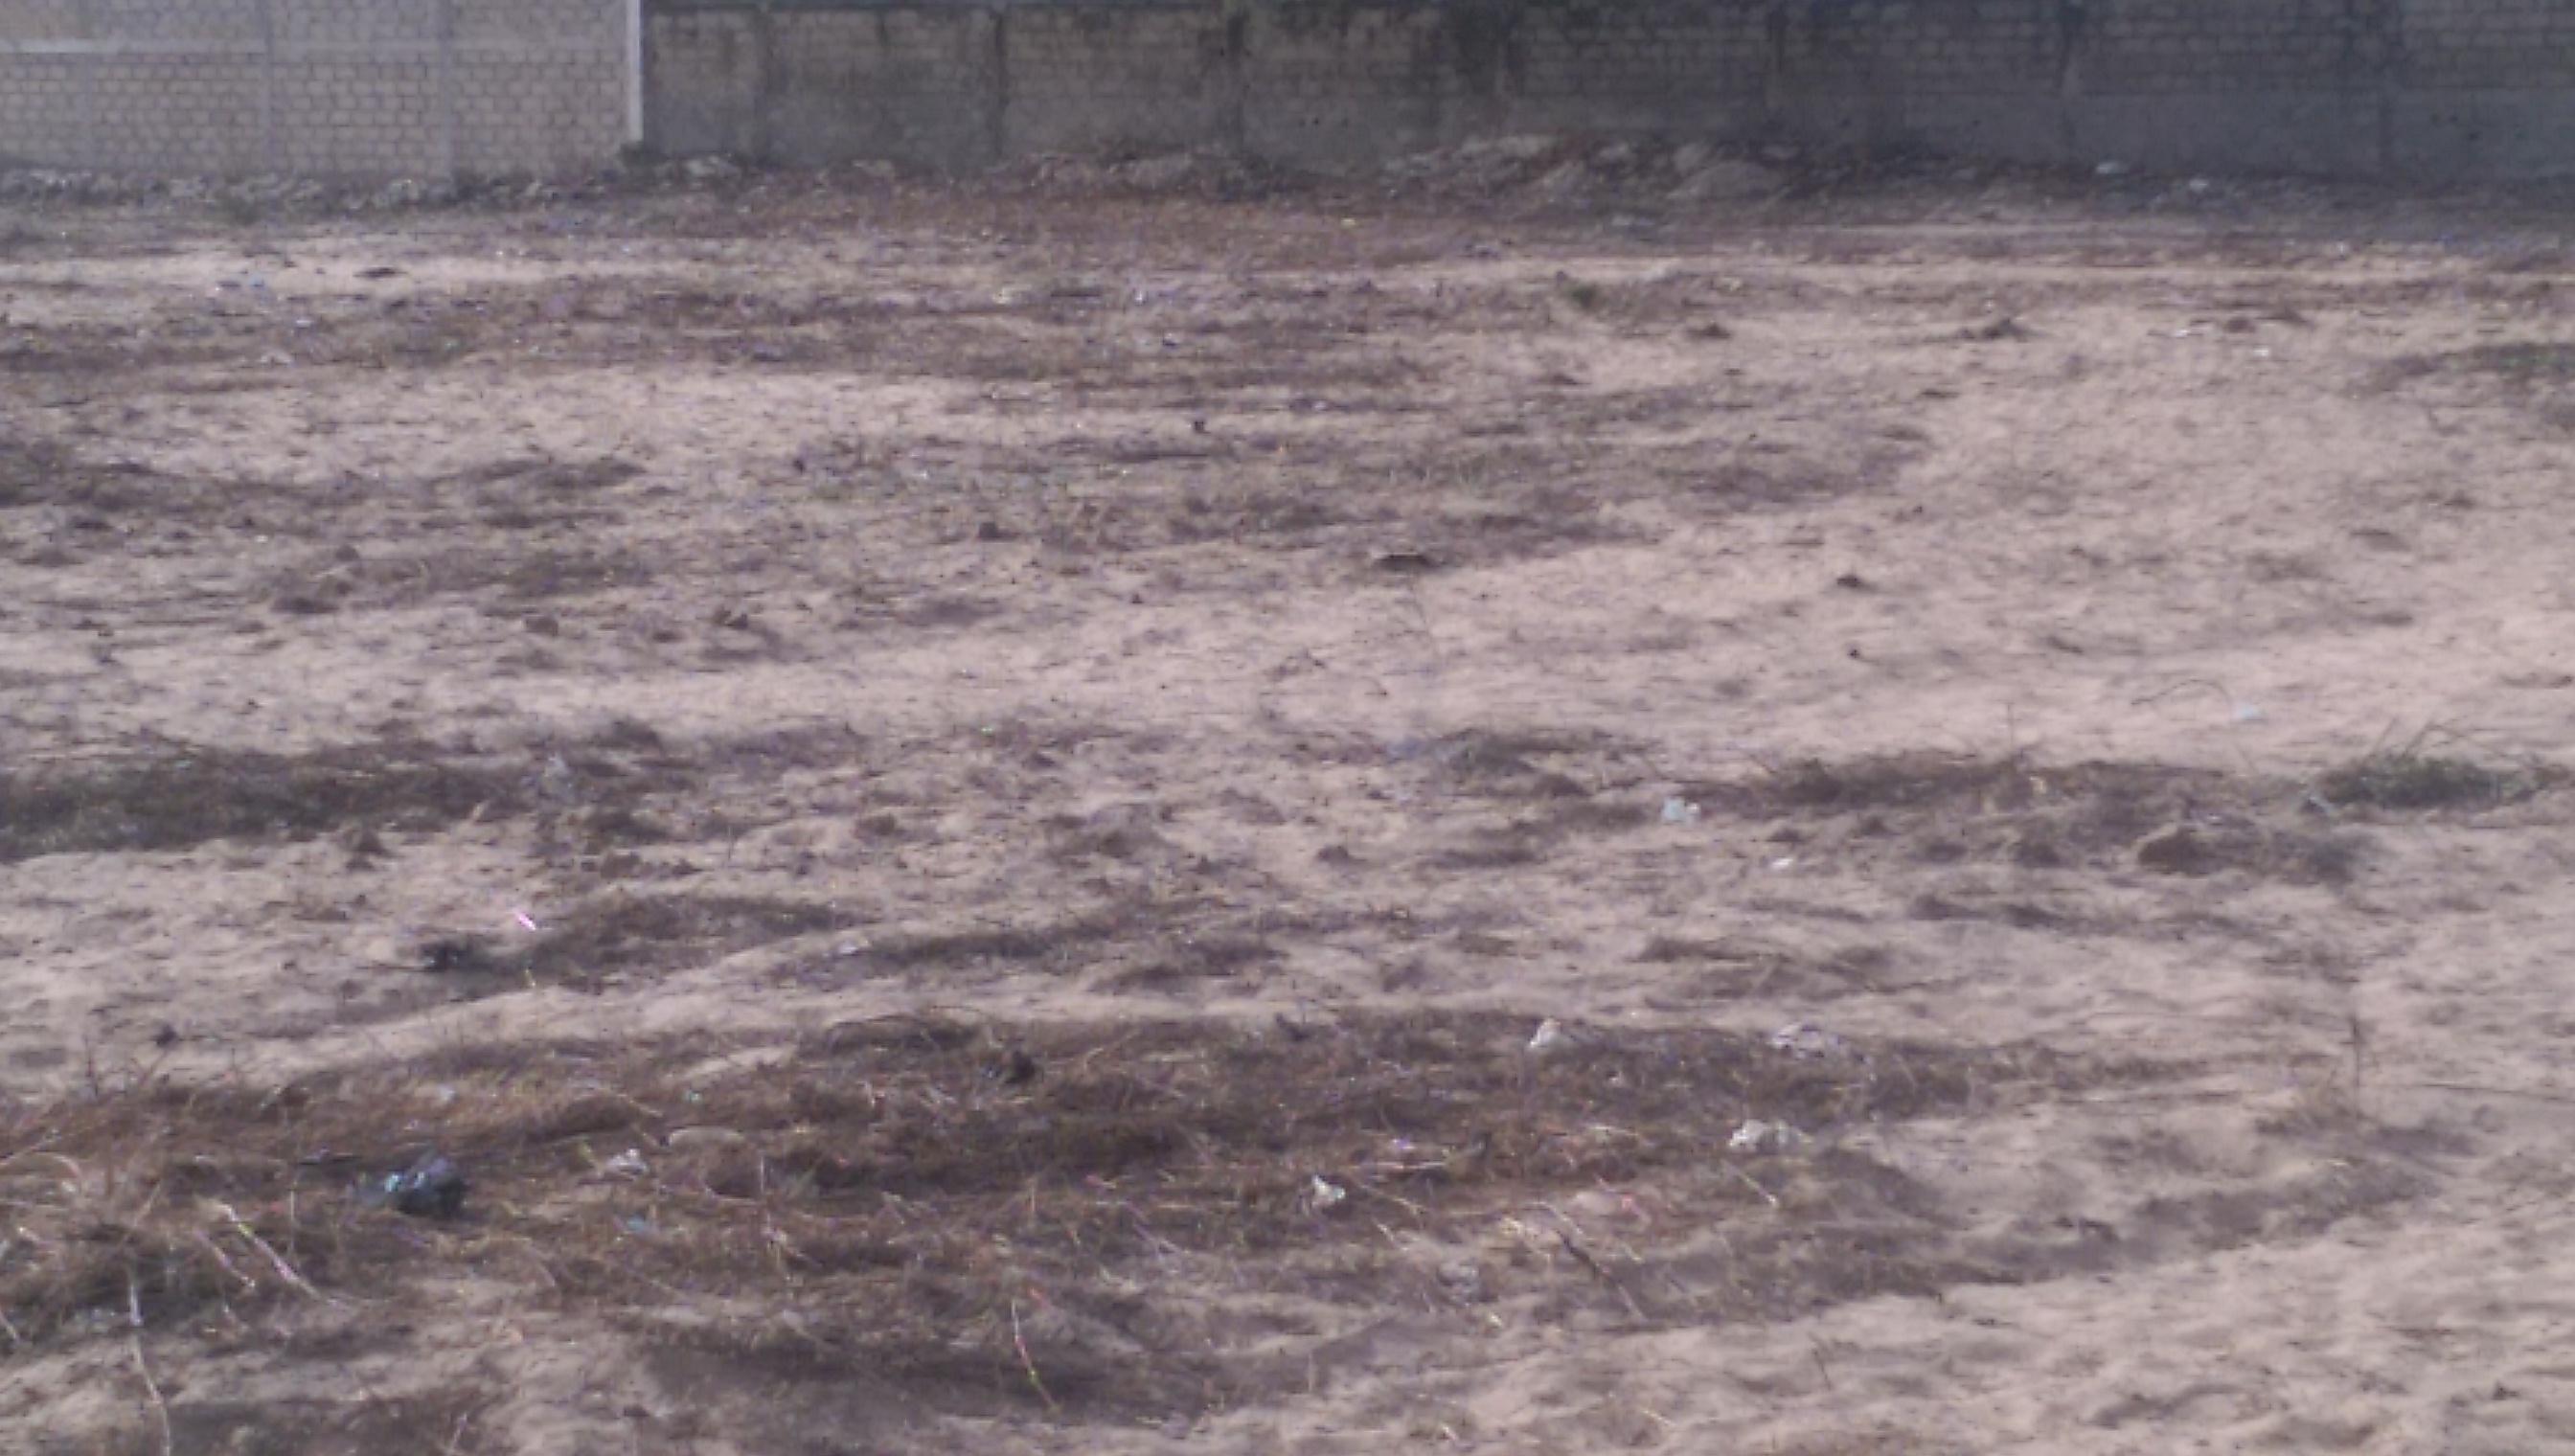 LITIGE FONCIER RELATIF AU TITRE 1107 DE NIAKHIRATE : Le gouverneur de Dakar s'est saisi du dossier de la famille Thiandoum